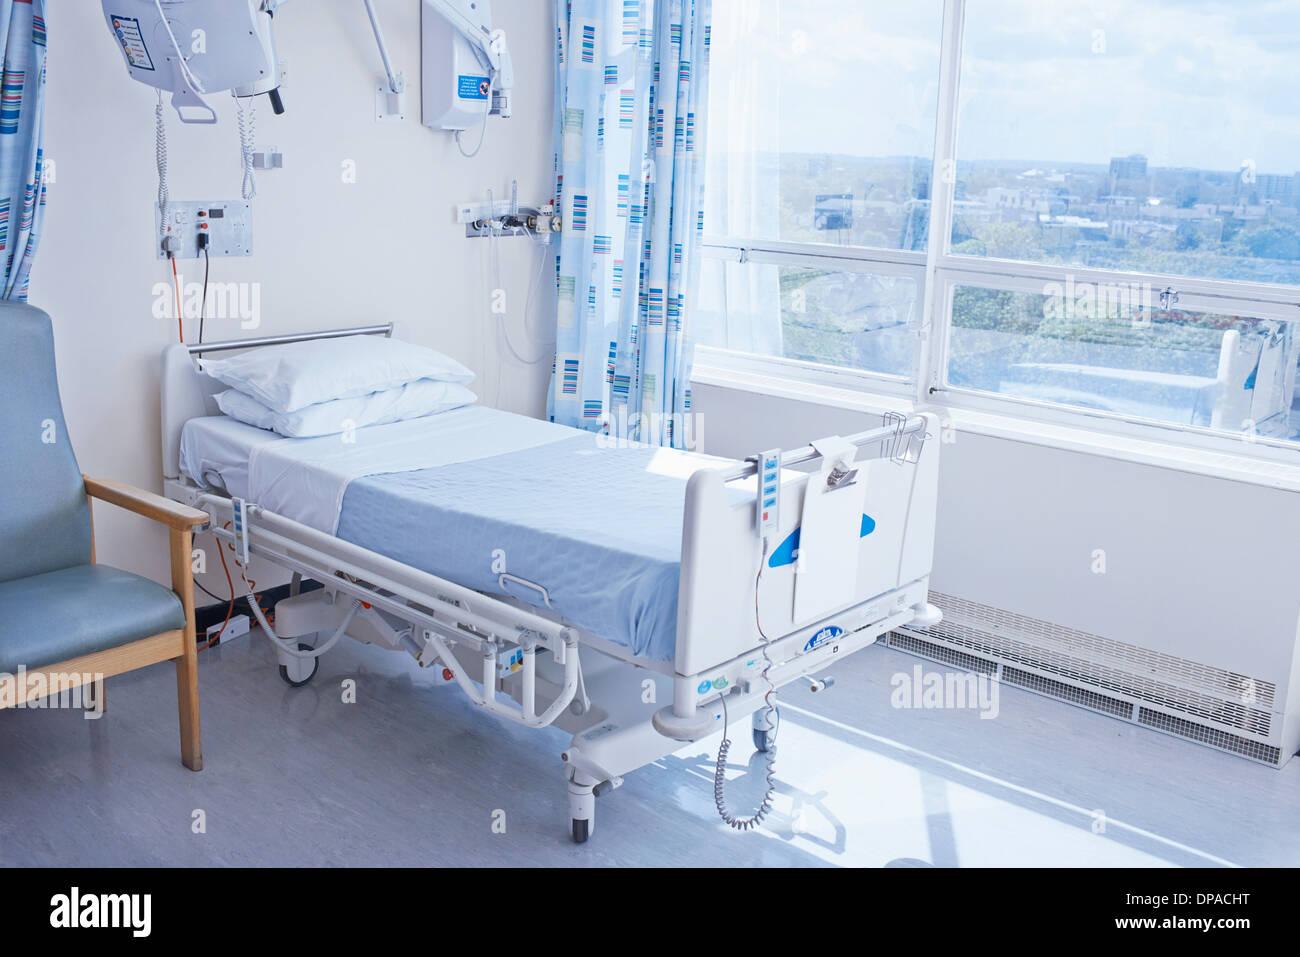 Leere Krankenhausbett auf Krankenstation Stockbild